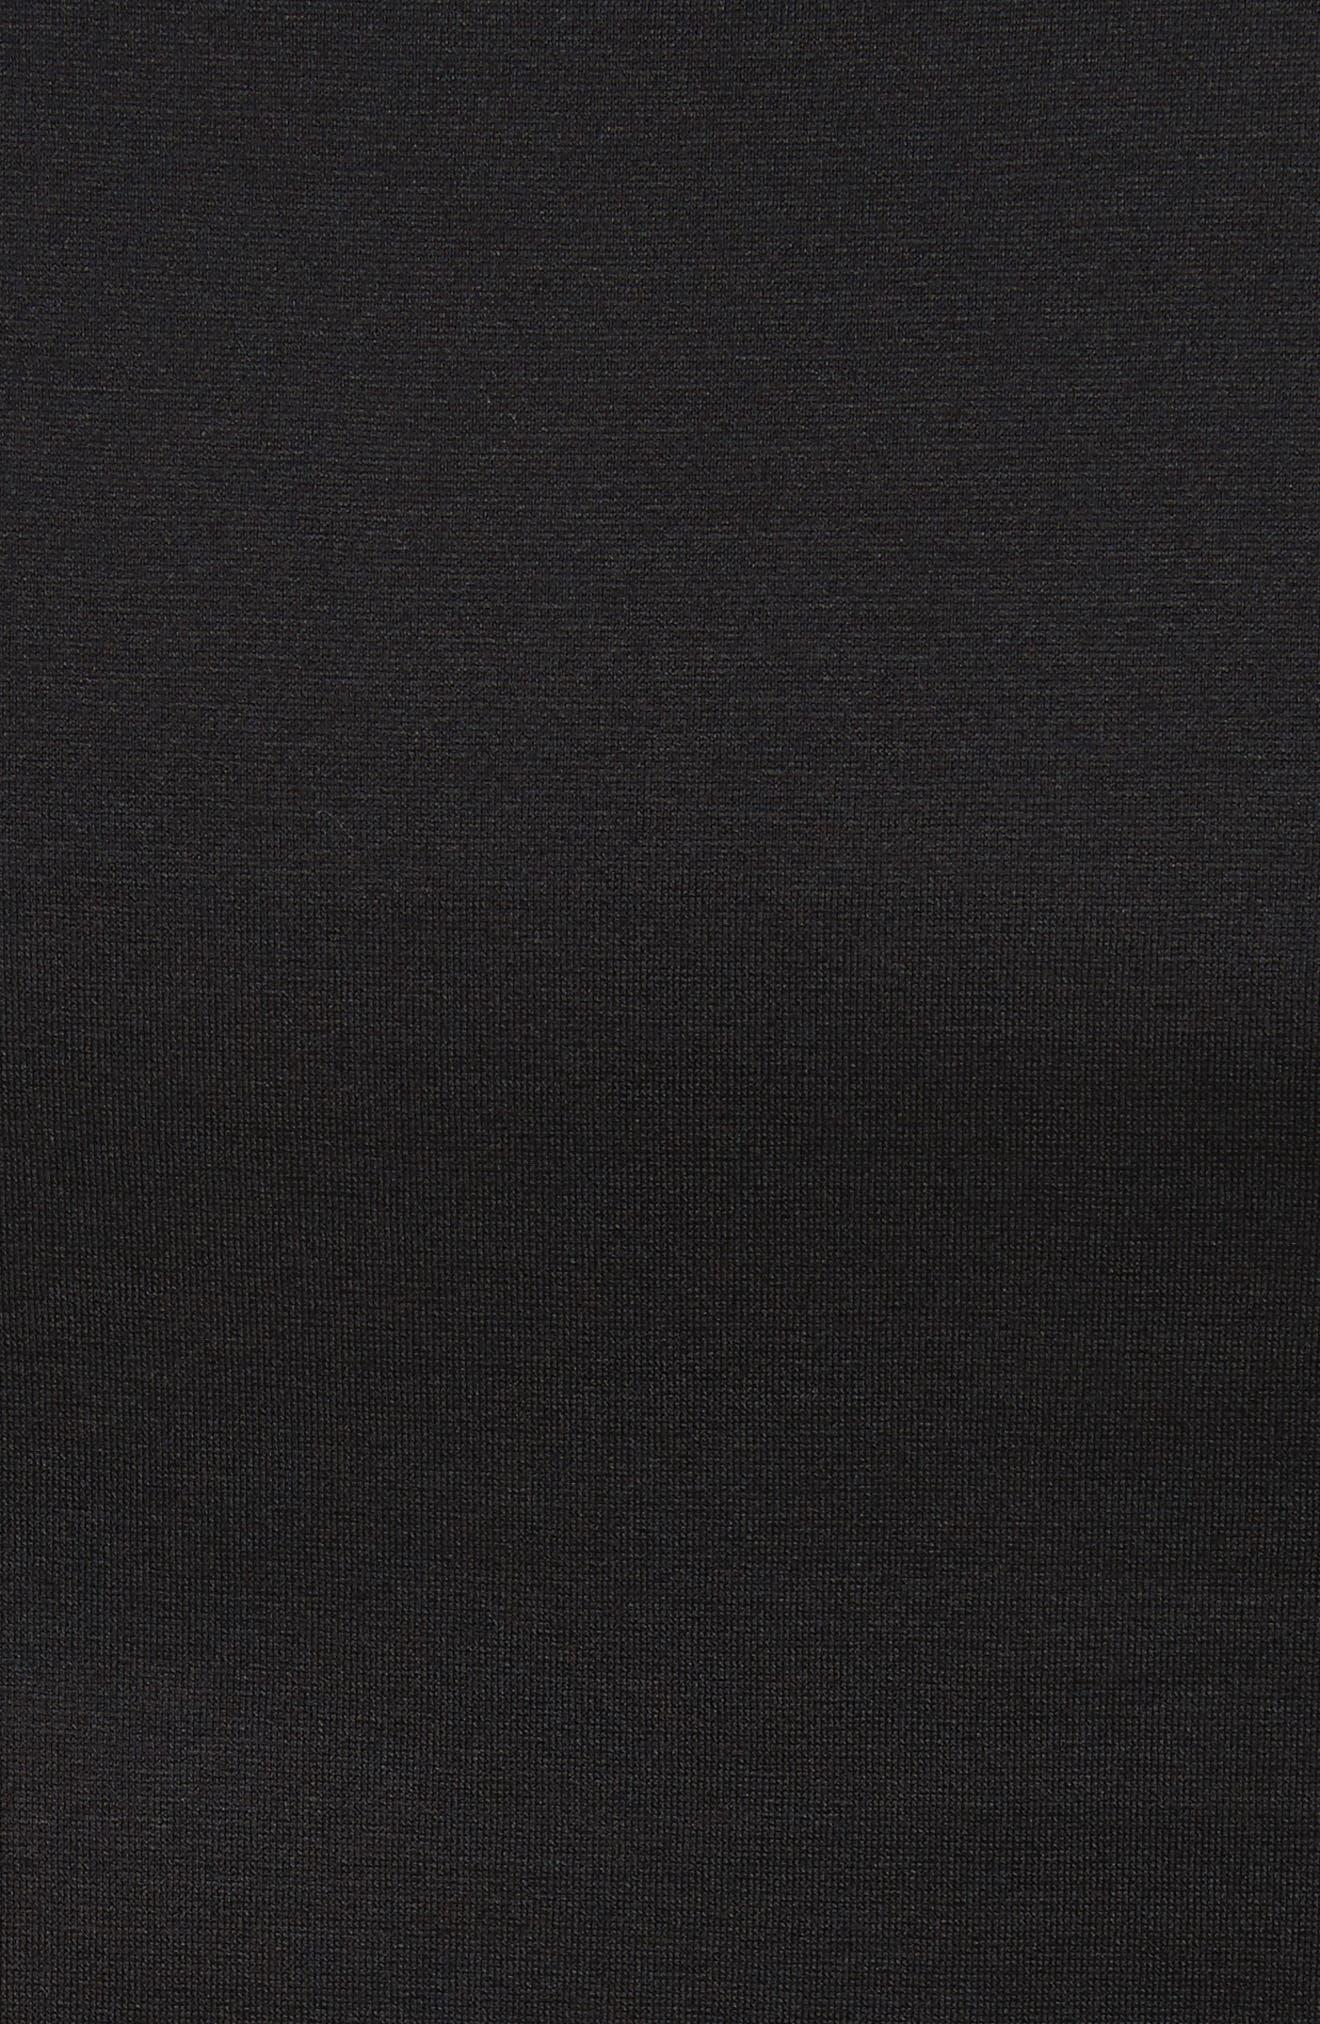 L Pocket T-Shirt,                             Alternate thumbnail 5, color,                             001